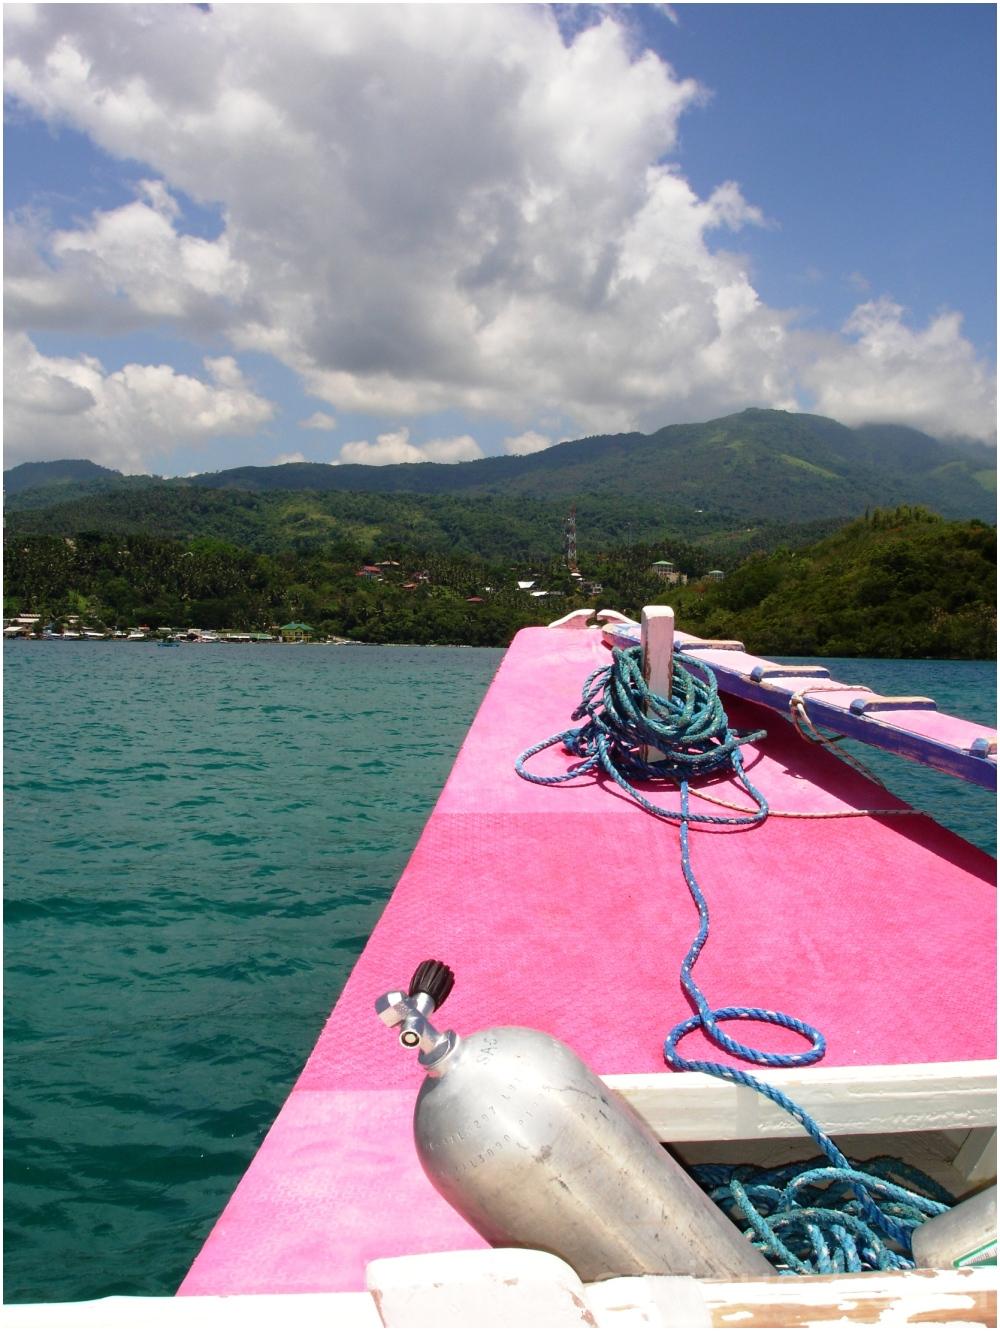 Puerto Galera Banca Scuba Diving